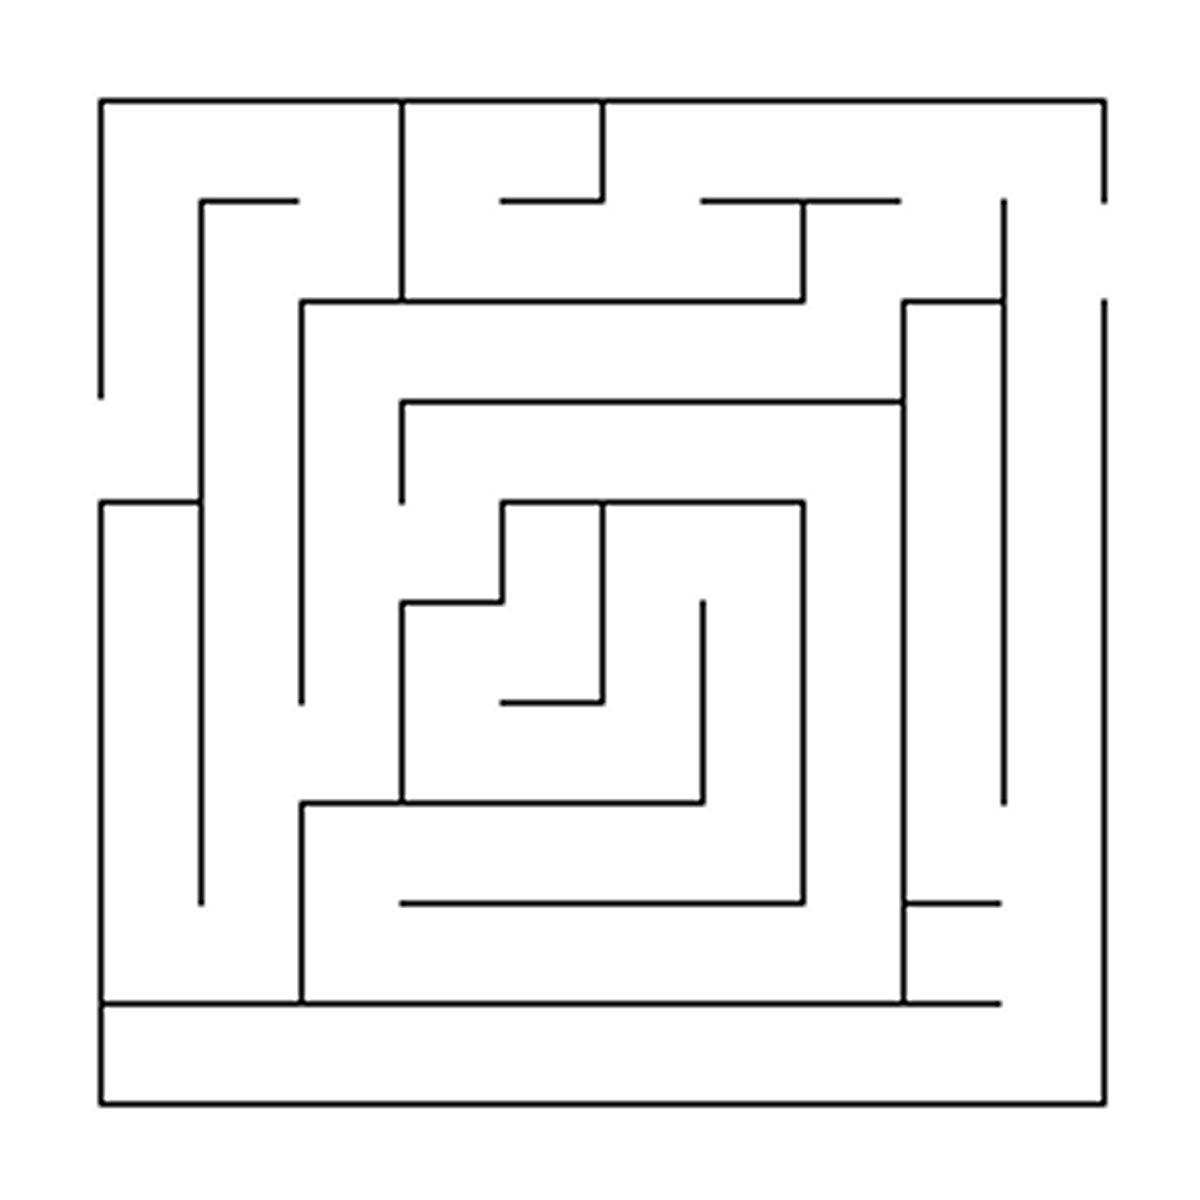 Pin by Anni Sirkka on Värityskuvia / Häät | Maze design ... Simple Square Maze